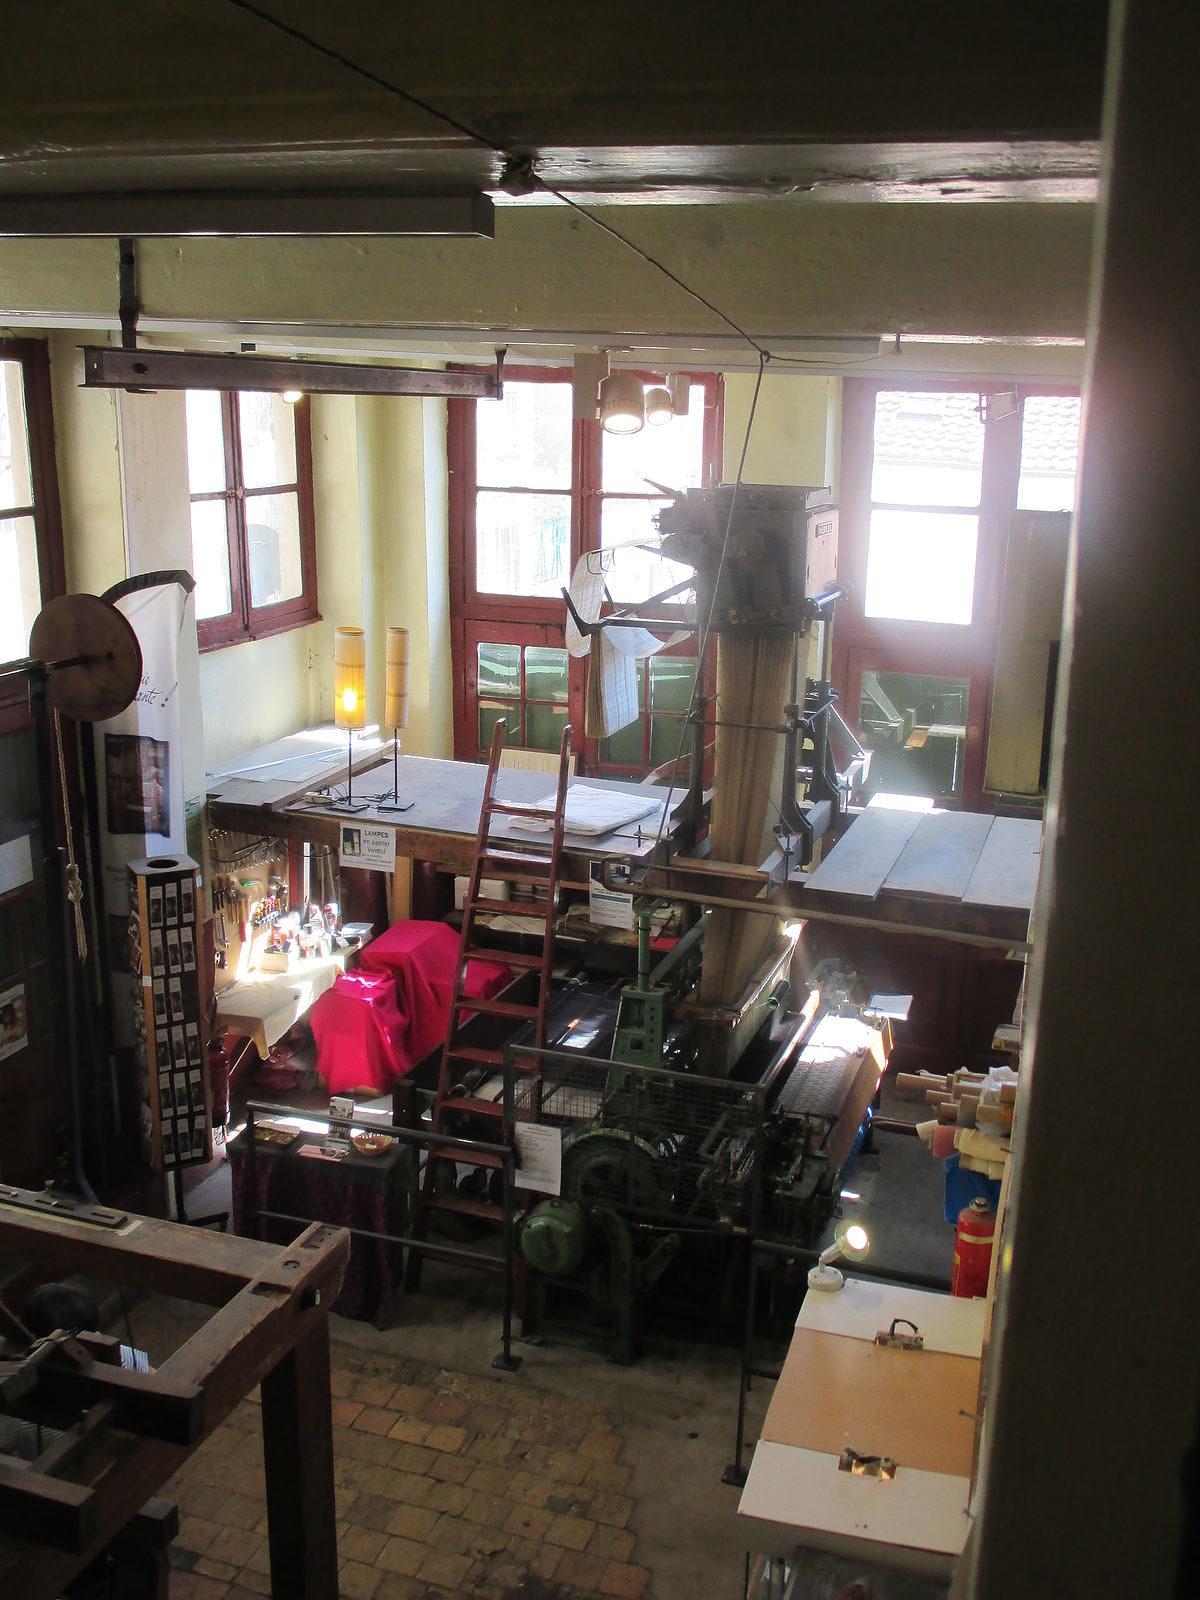 Vue d'ensemble de l'atelier de tissage